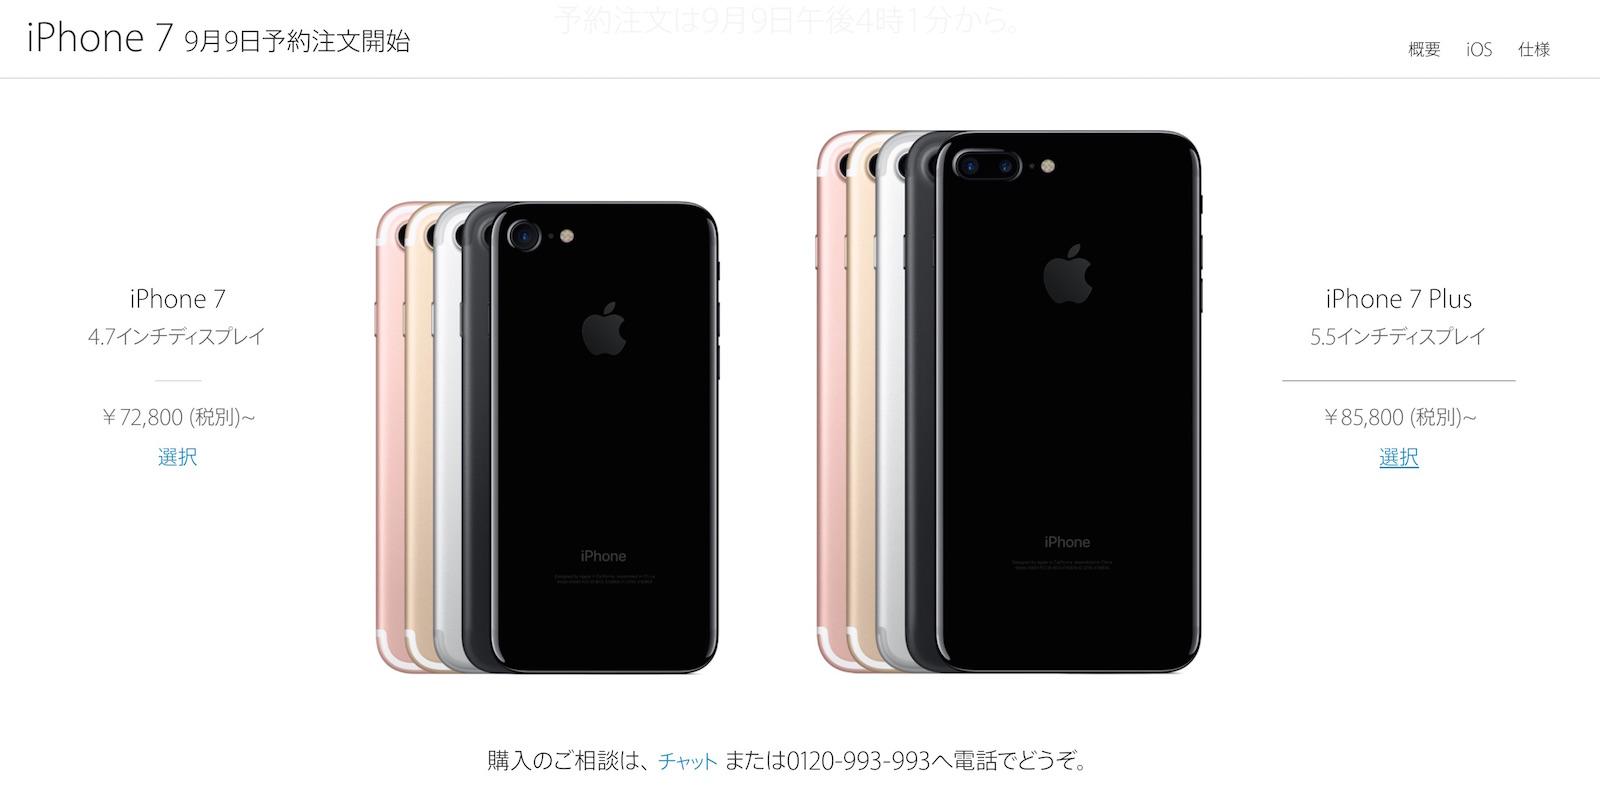 iPhone 7、7 Plus 予約開始